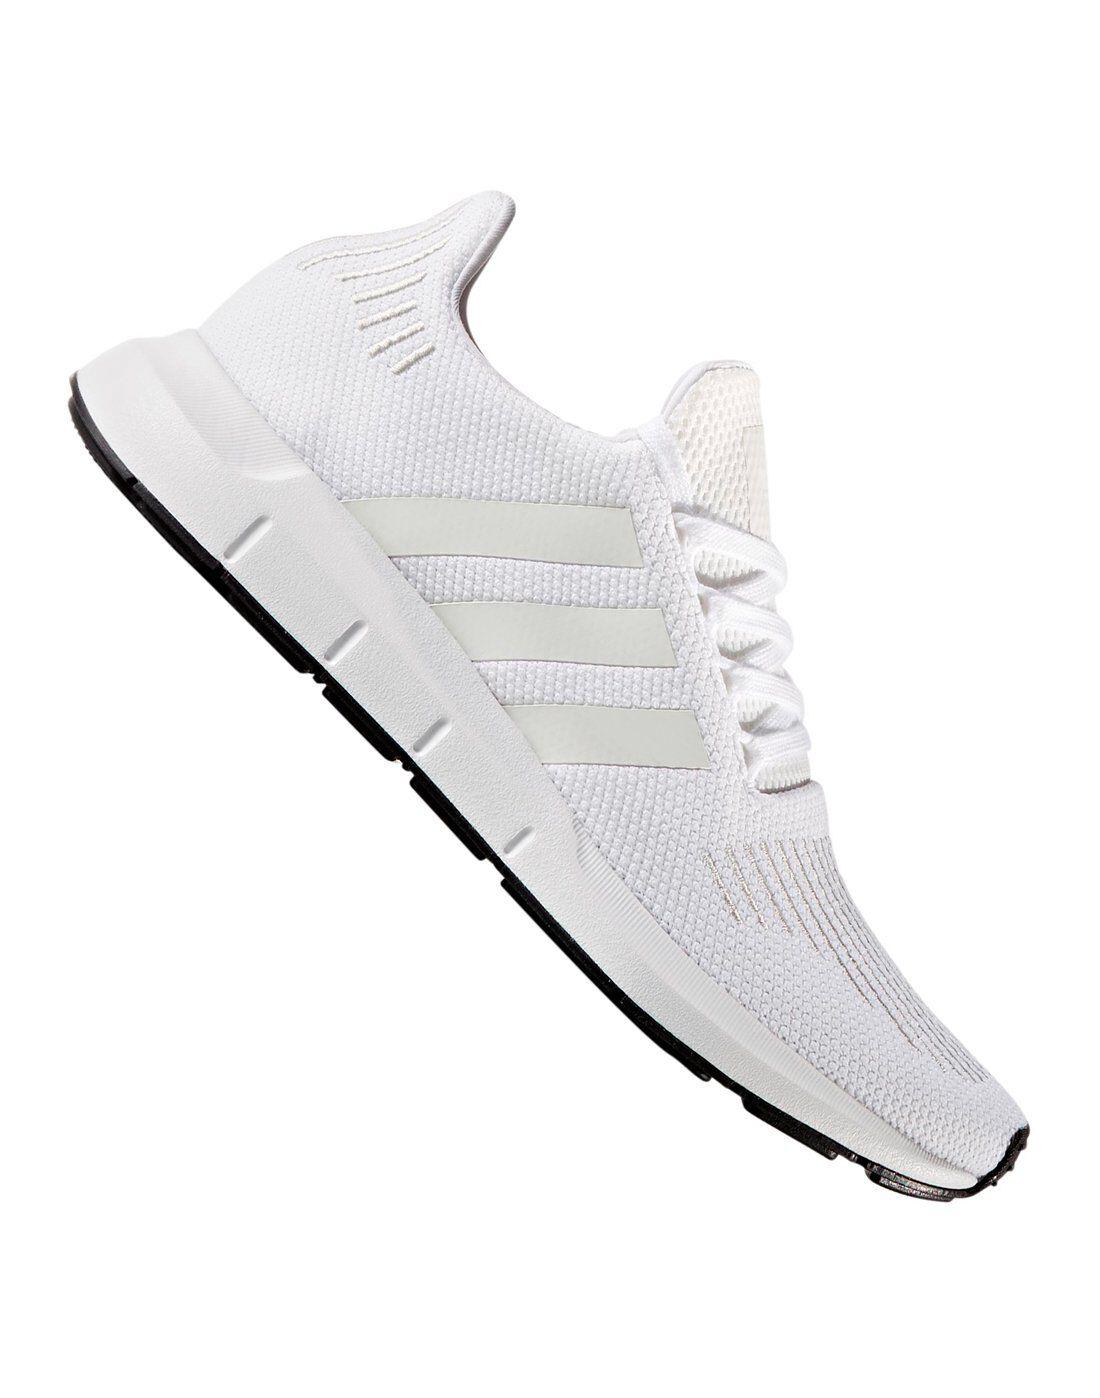 uomini è adidas originali swift run bianco di stile di vita, sport